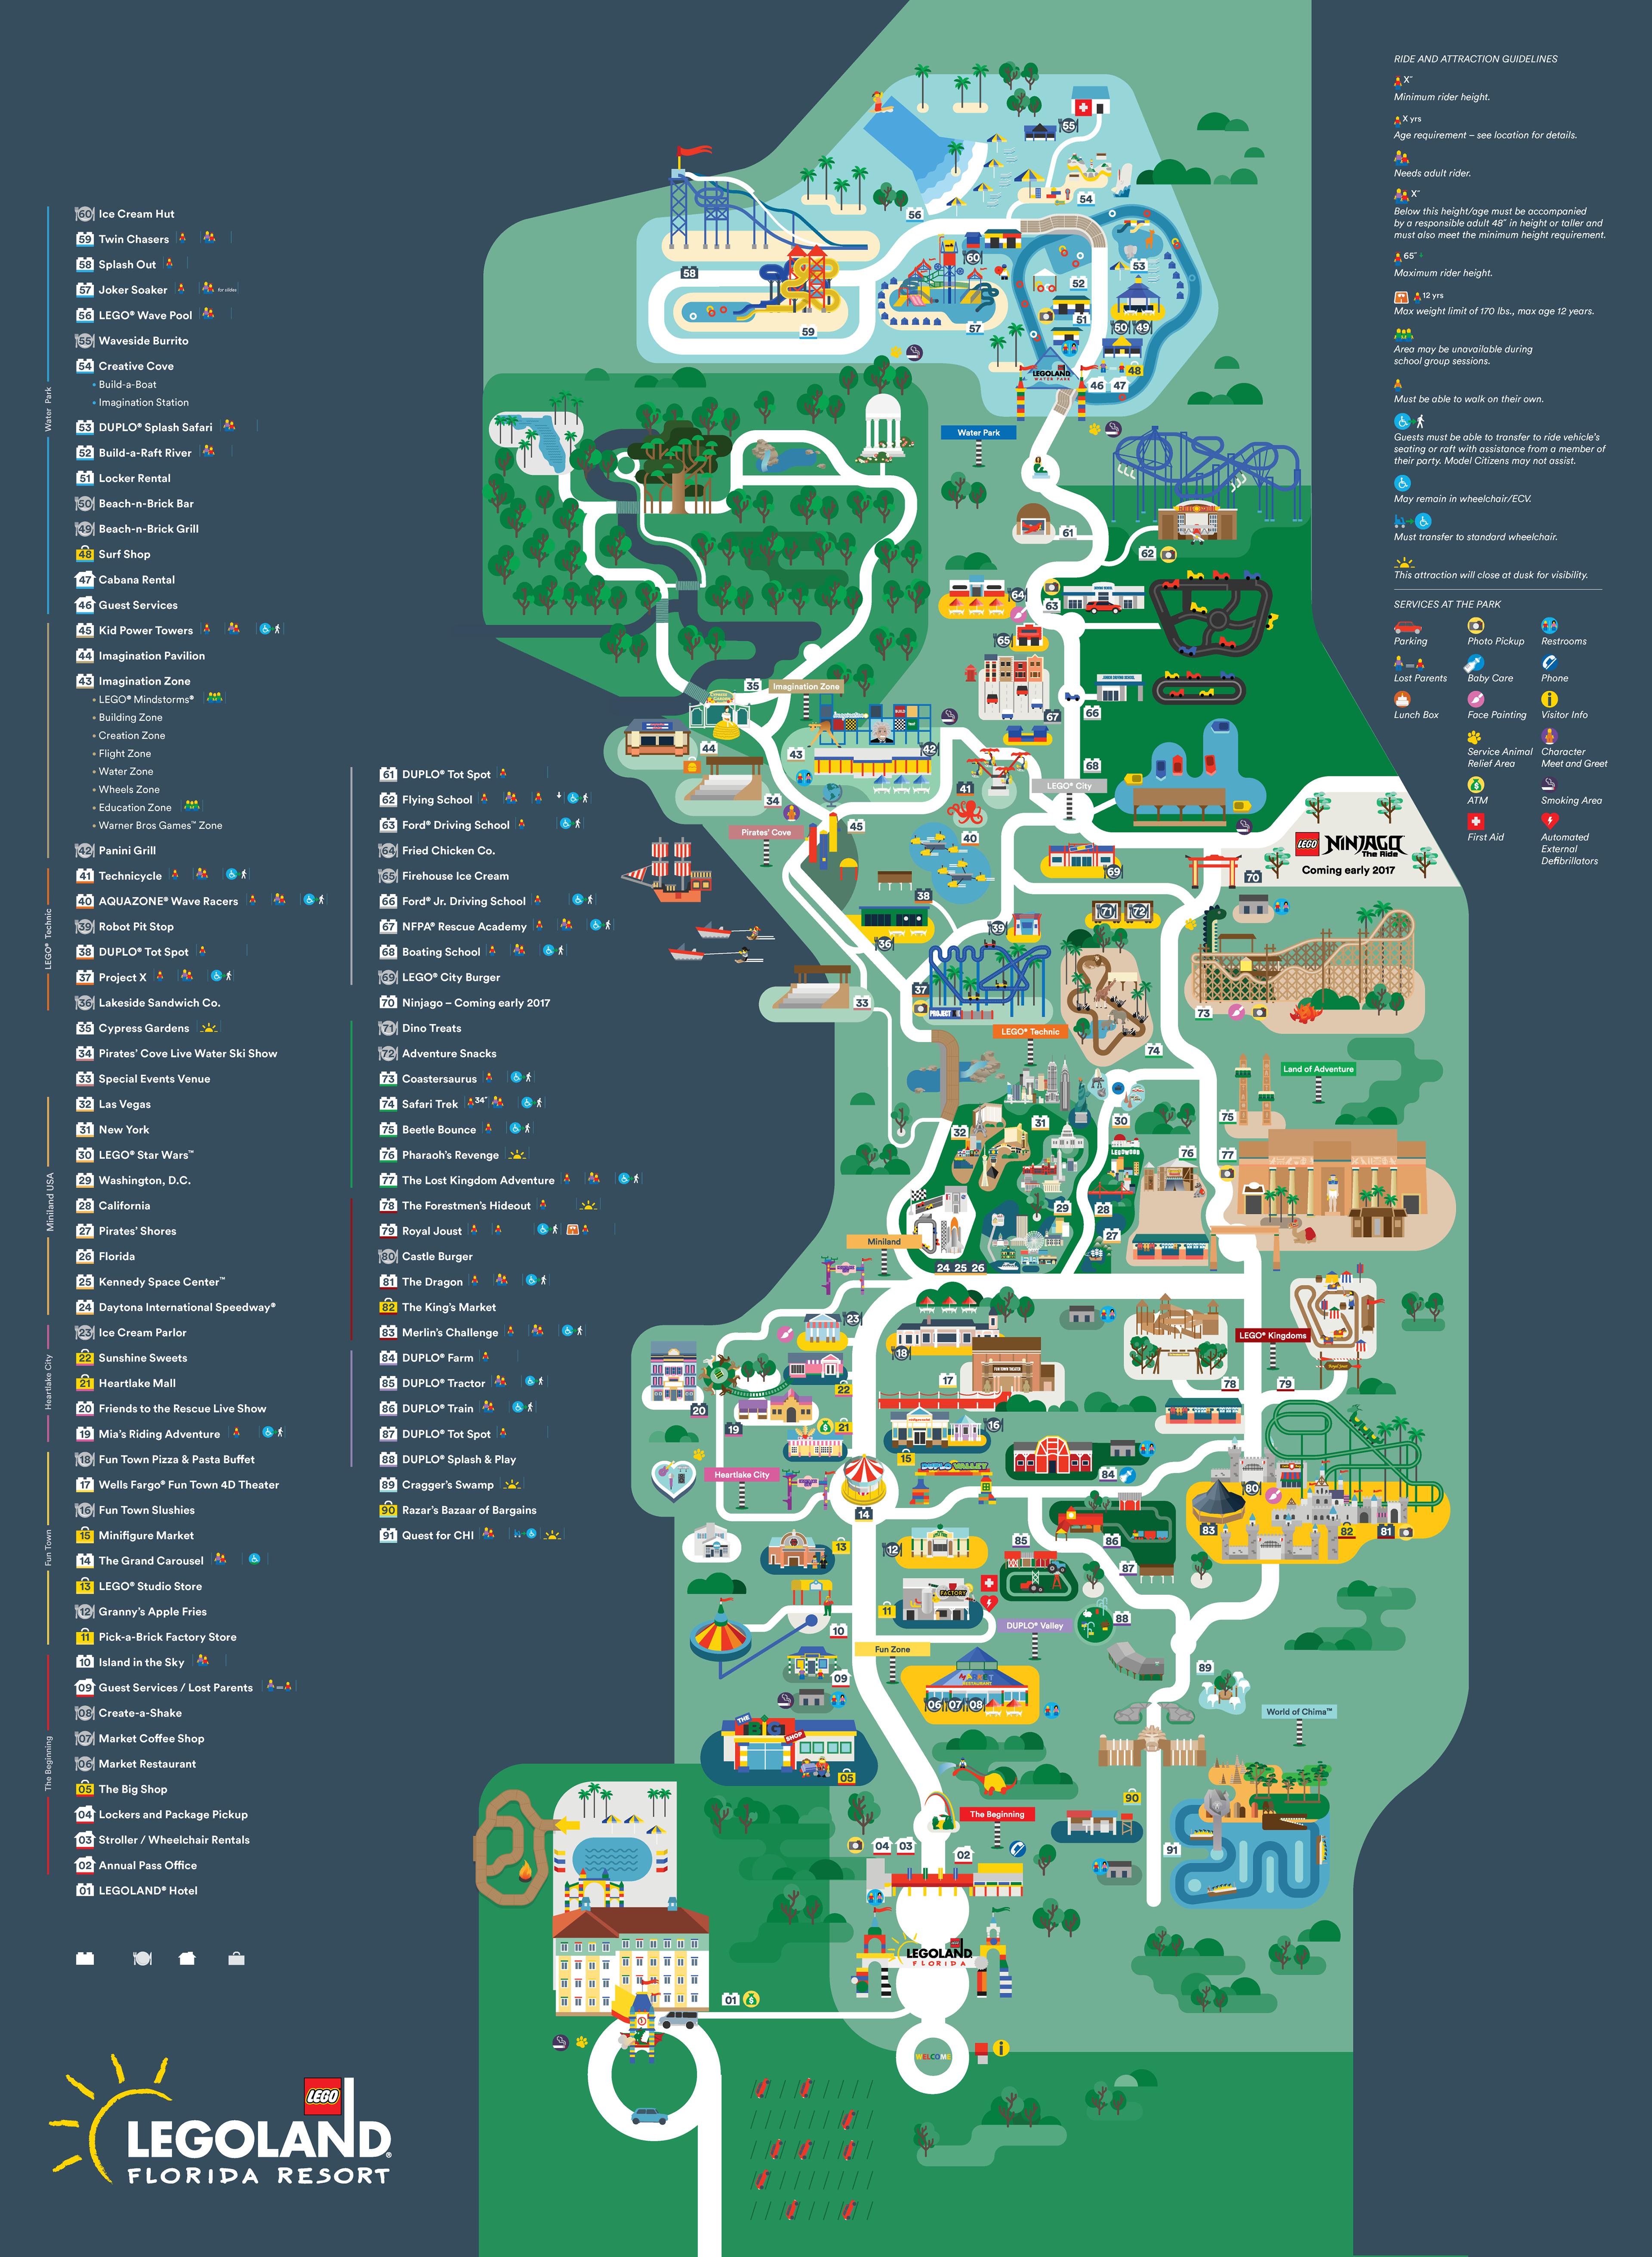 Legoland Florida Map 2016 On Behance Disney One Day Maybe